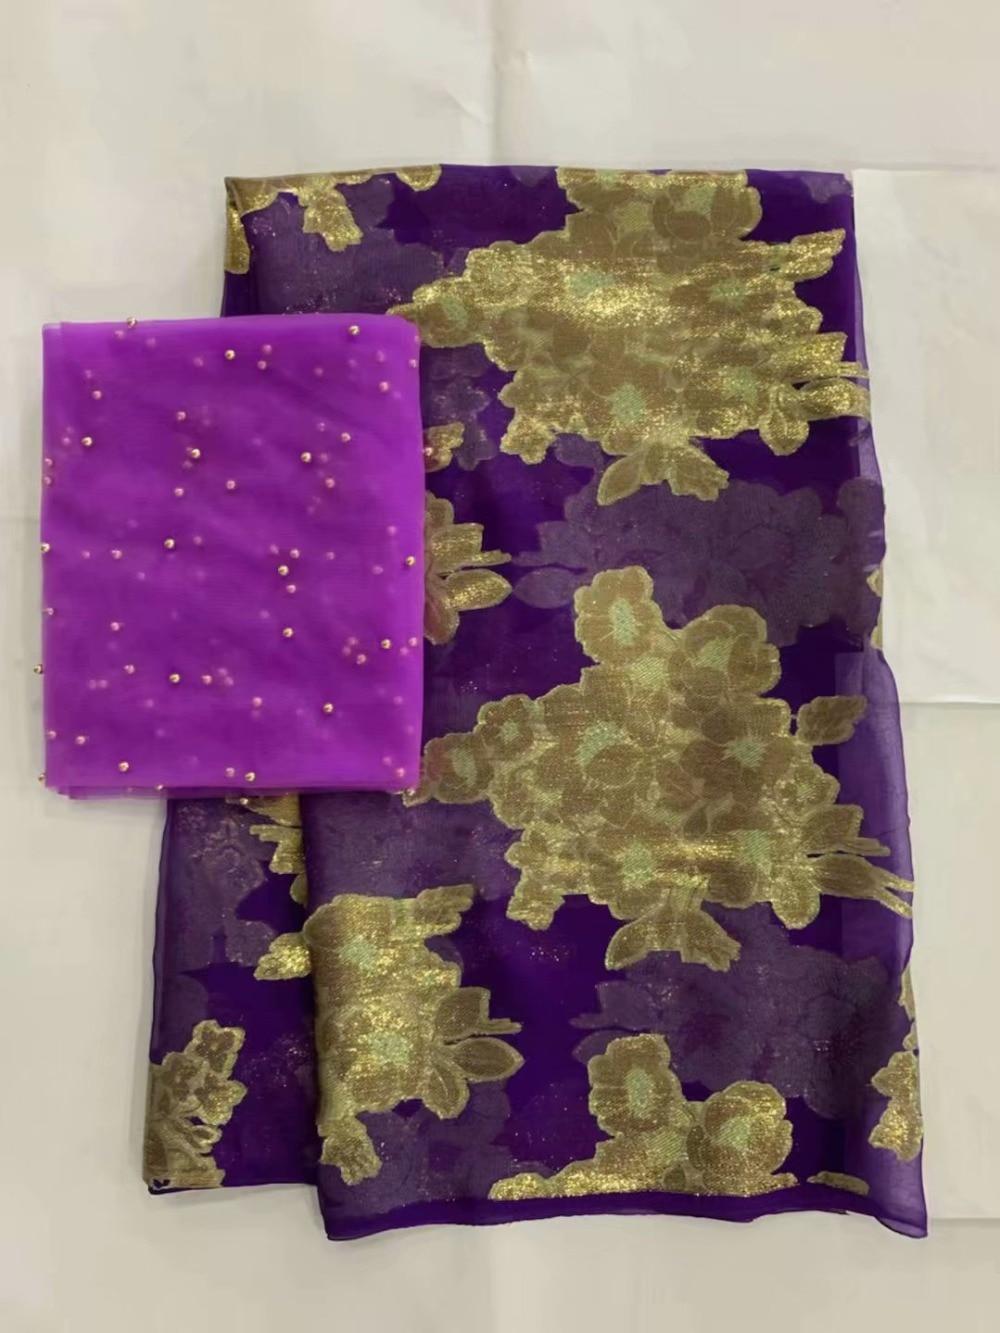 Złota nigeryjczyk koronki tkaniny wysokiej jakości tkaniny jedwabne 2019 satynowa sukienka materiał francuski koronki tkaniny tissu dentelle7yard/dużo L100  w Dekorowanie tkanin od Dom i ogród na  Grupa 1